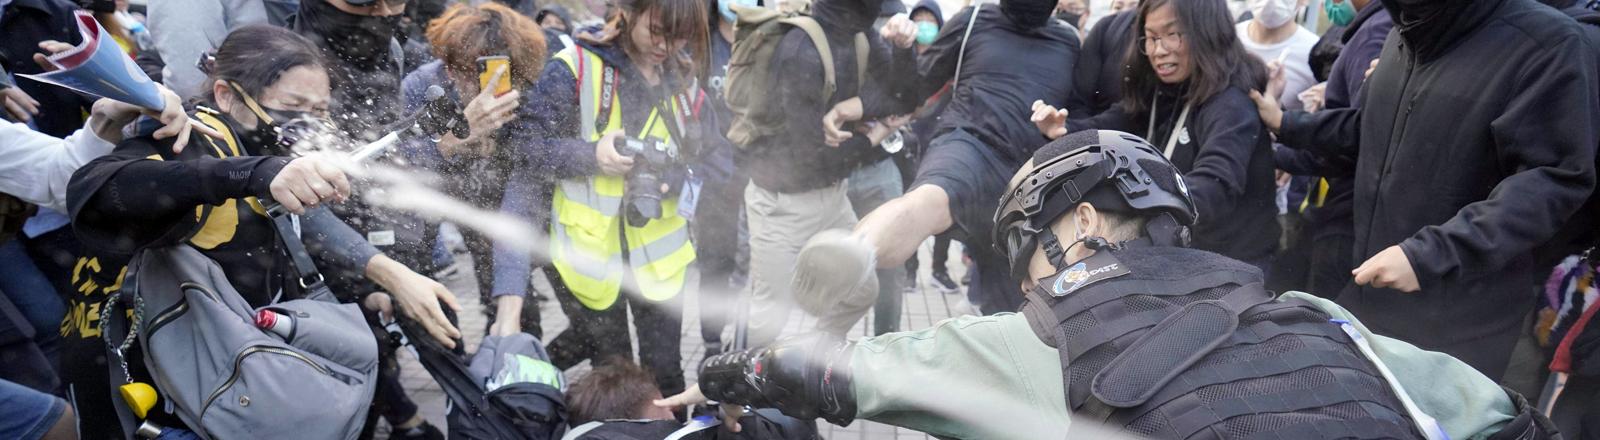 Demonstrierende werden von der Polizei mit Tränengas beschossen